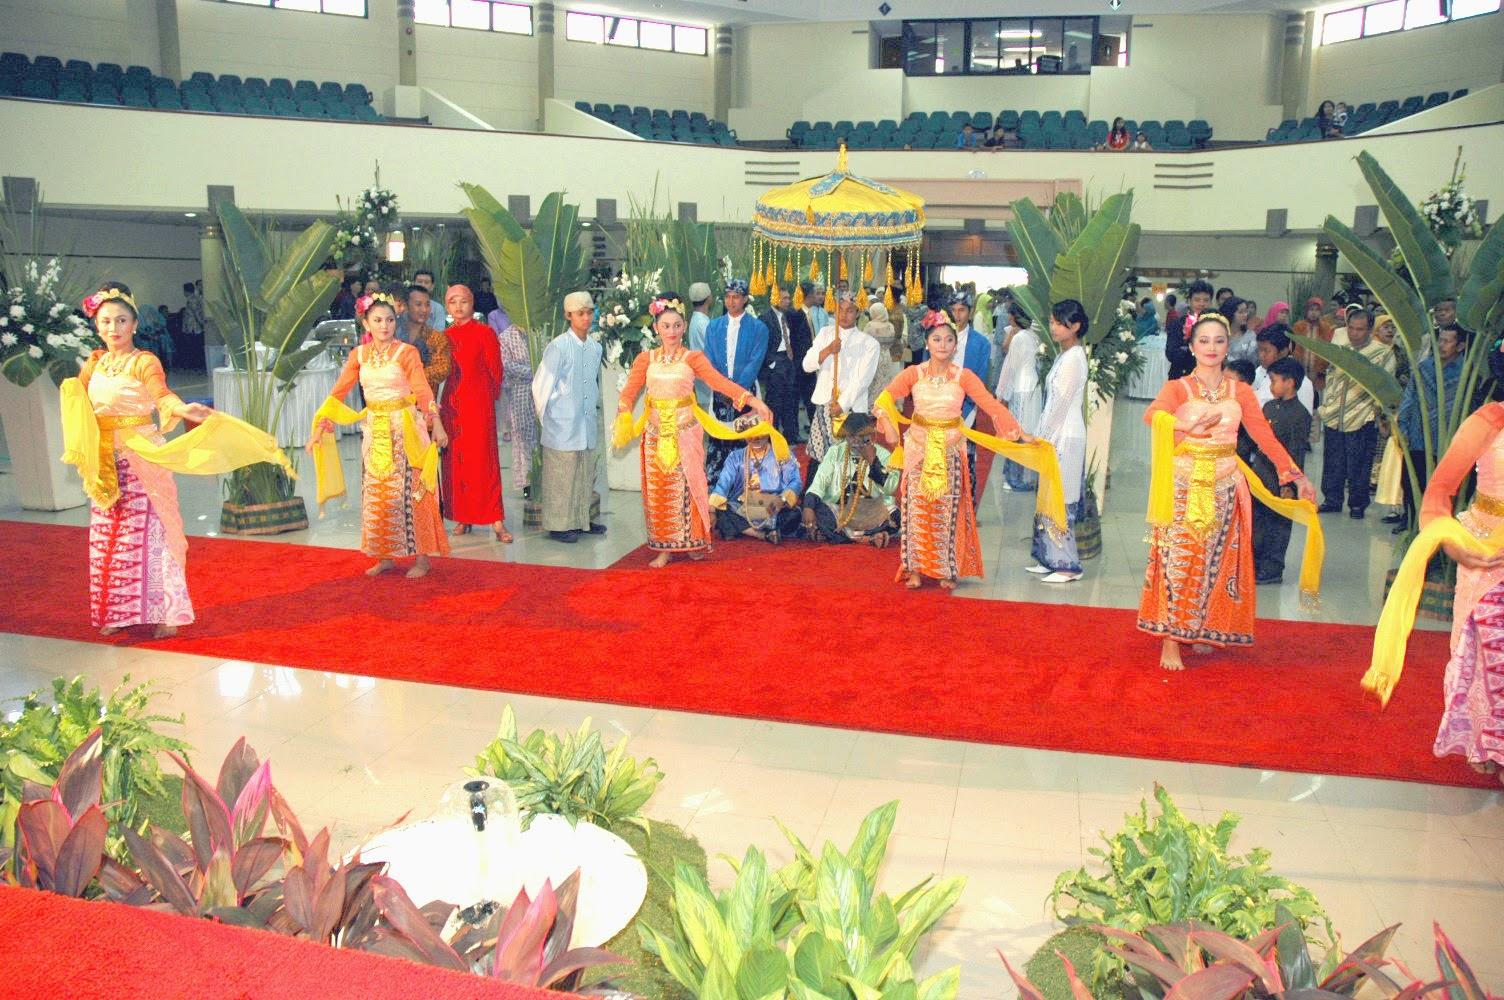 Seserahan Pernikahan Adat Sunda Bandung